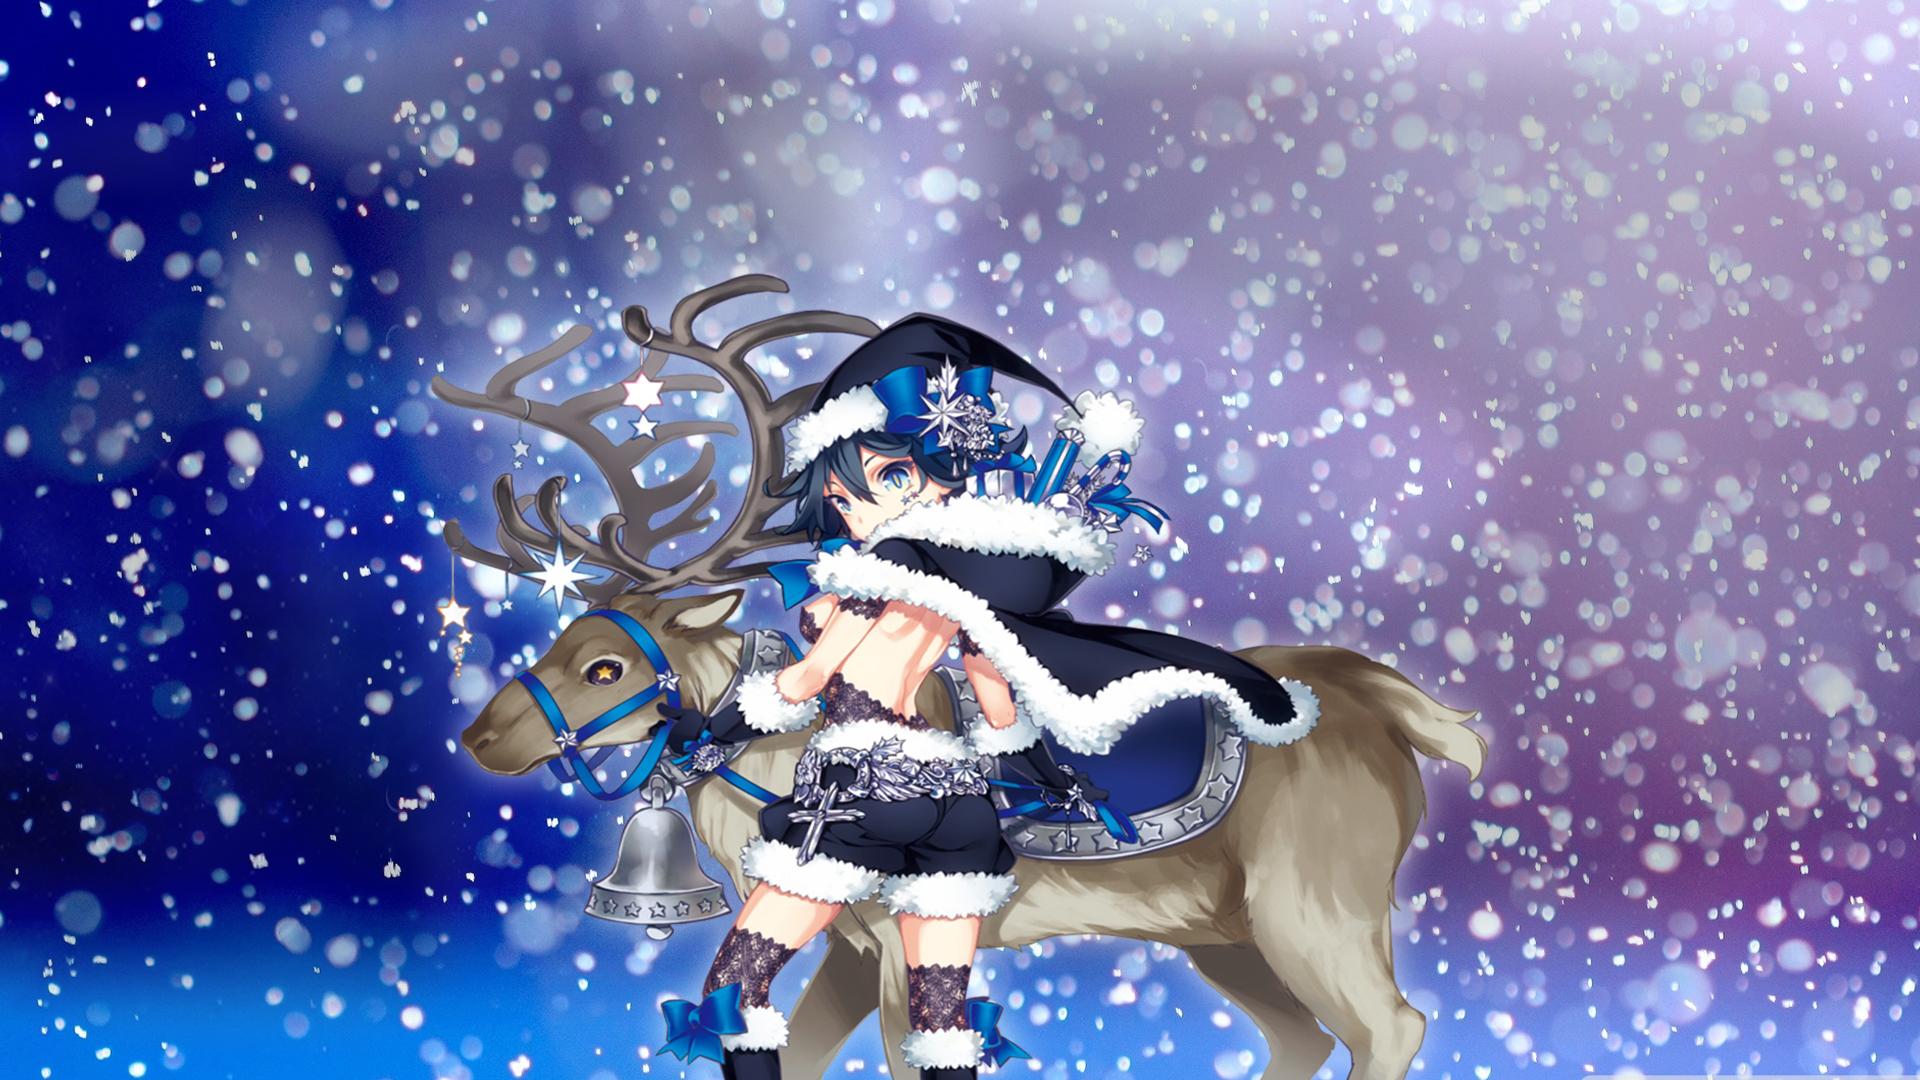 Anime christmas wallpaper 92 wallpapers wallpapers 4k - Anime christmas wallpaper ...